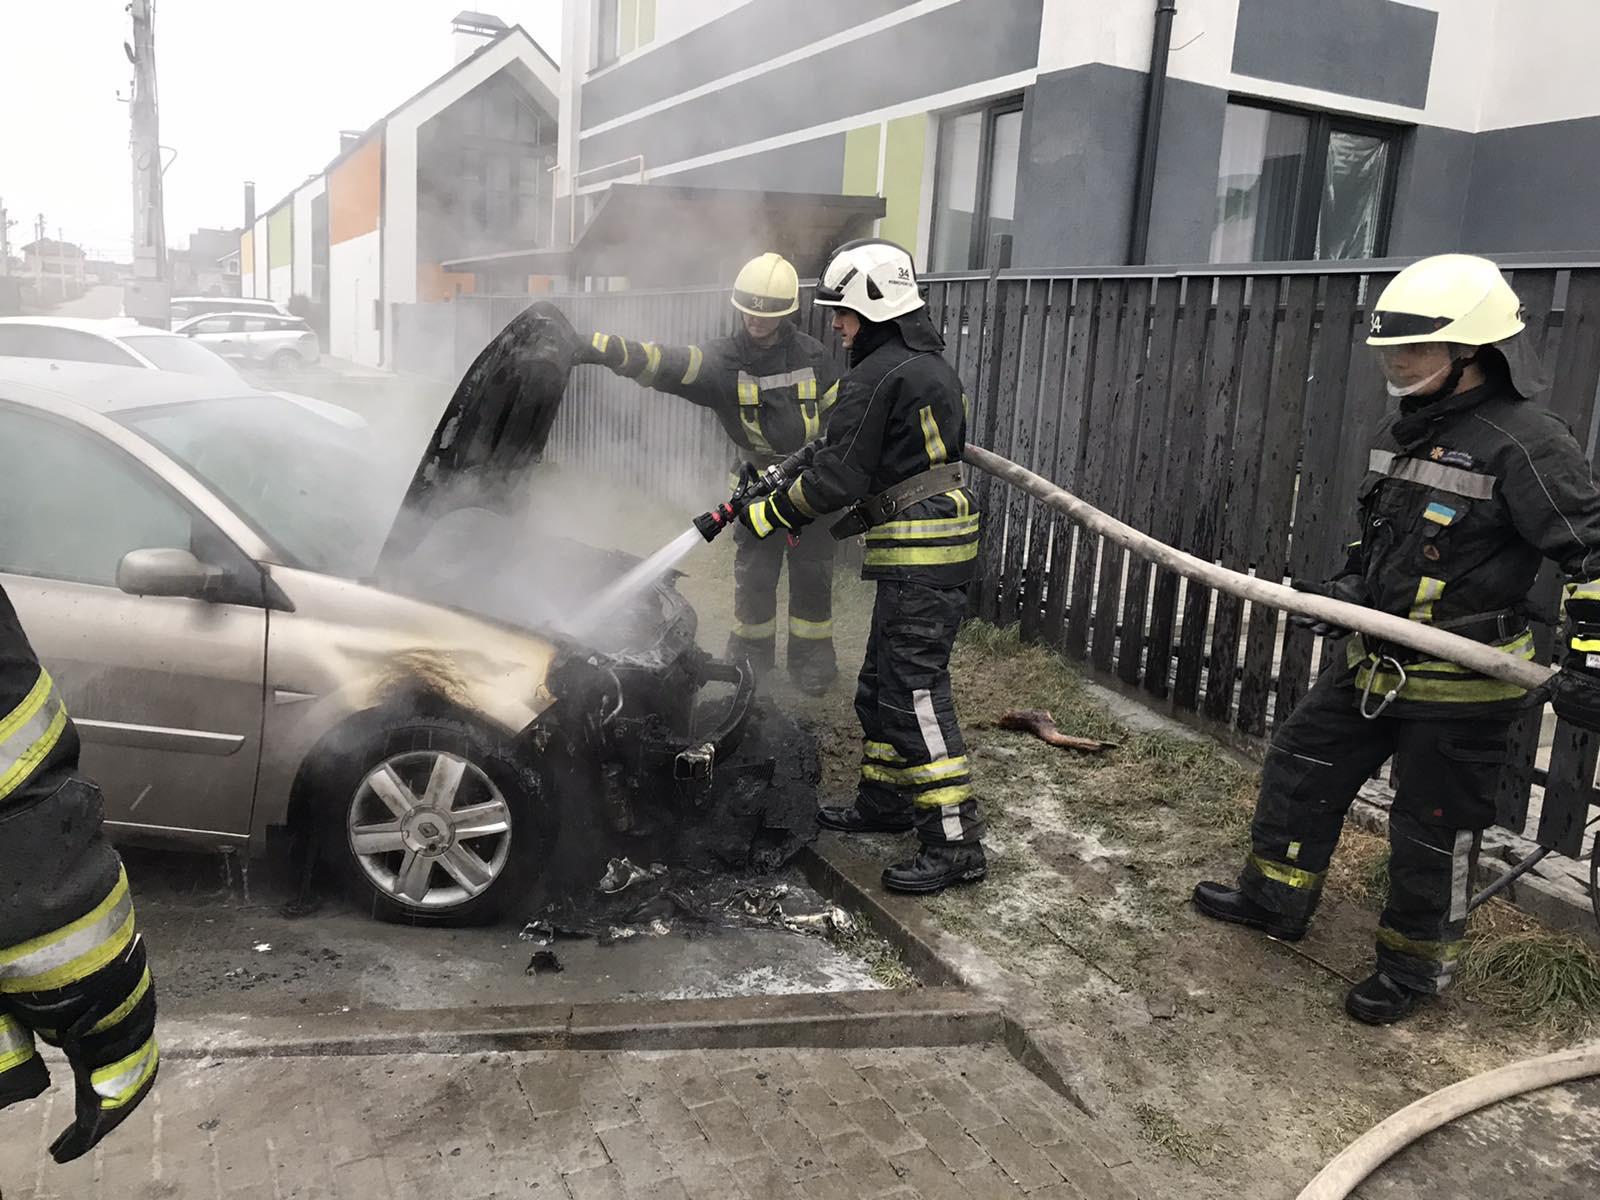 Дві пожежі за добу стались у Києво-Святошинському районі - Святопетрівське, Пожежа авто, Гатне - 0243E5D6 6DEF 4136 B0E2 93B811B57A96